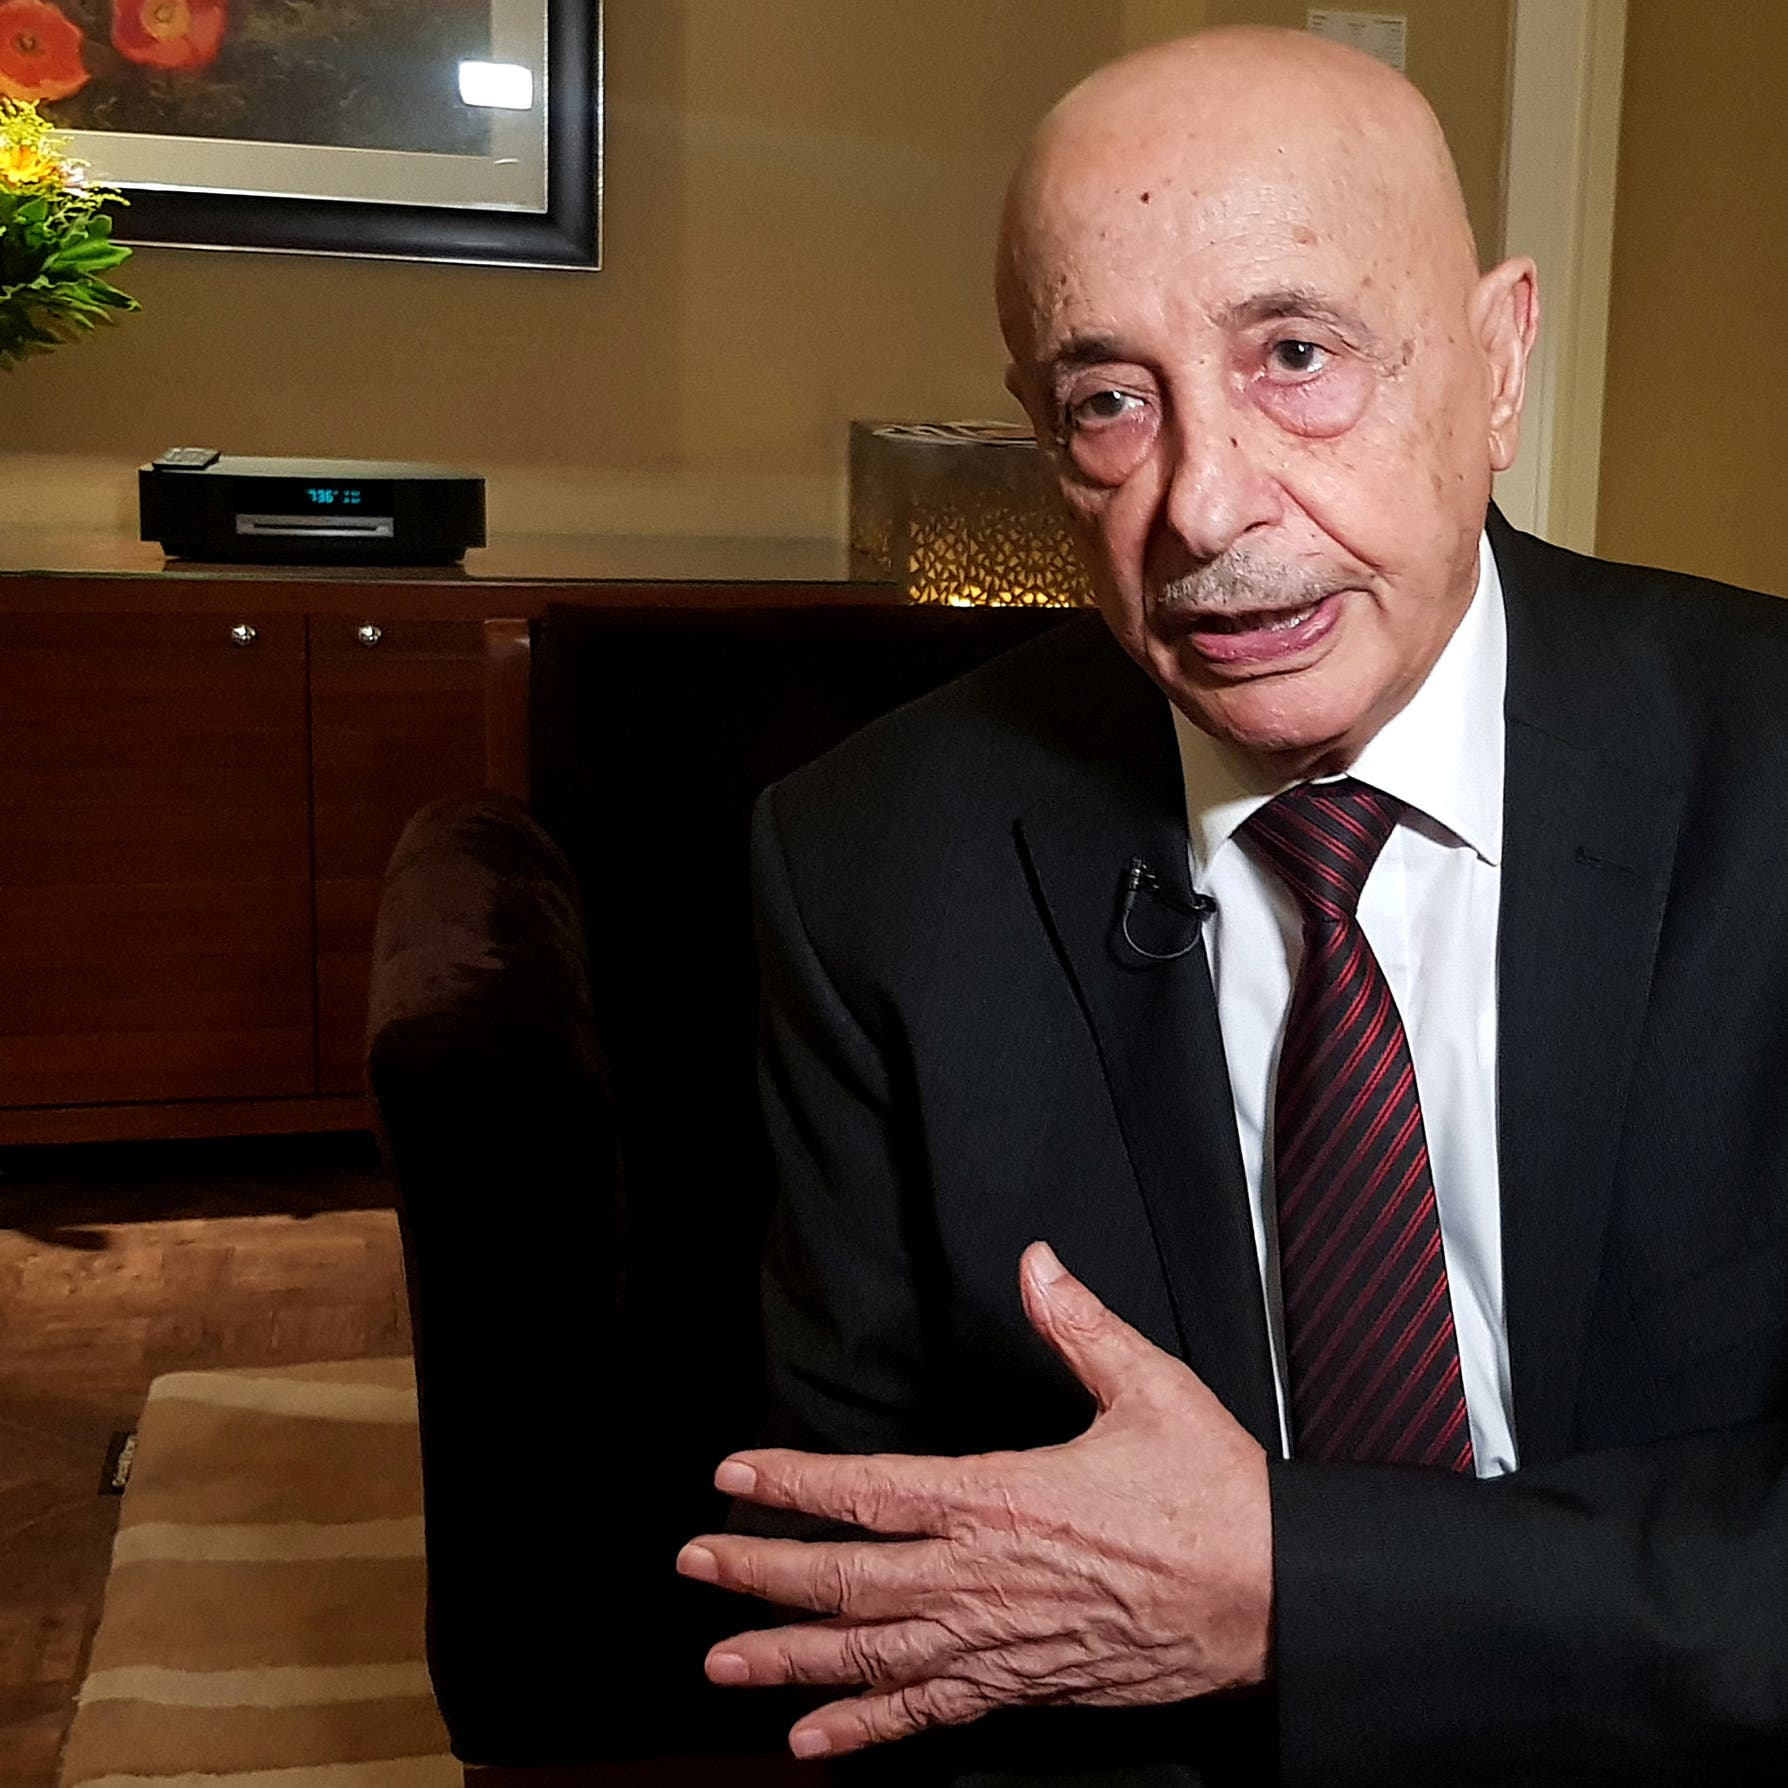 عقيلة صالح: اتفاق أردوغان والسراج احتلال تركي لأراضي ليبيا